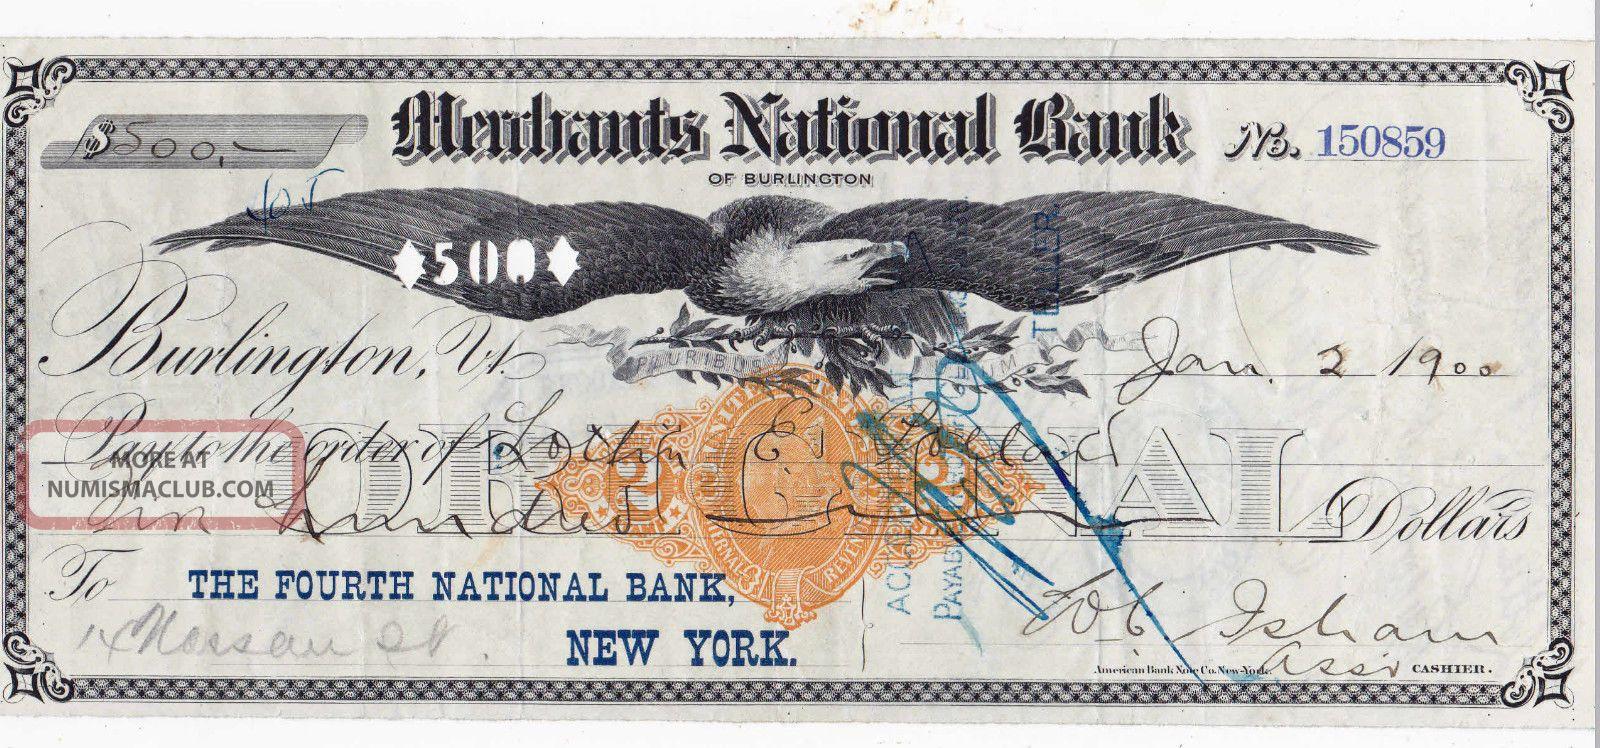 1900 Burlington,  Vermont.  Merchants National Bank Eagle Vignette Stocks & Bonds, Scripophily photo